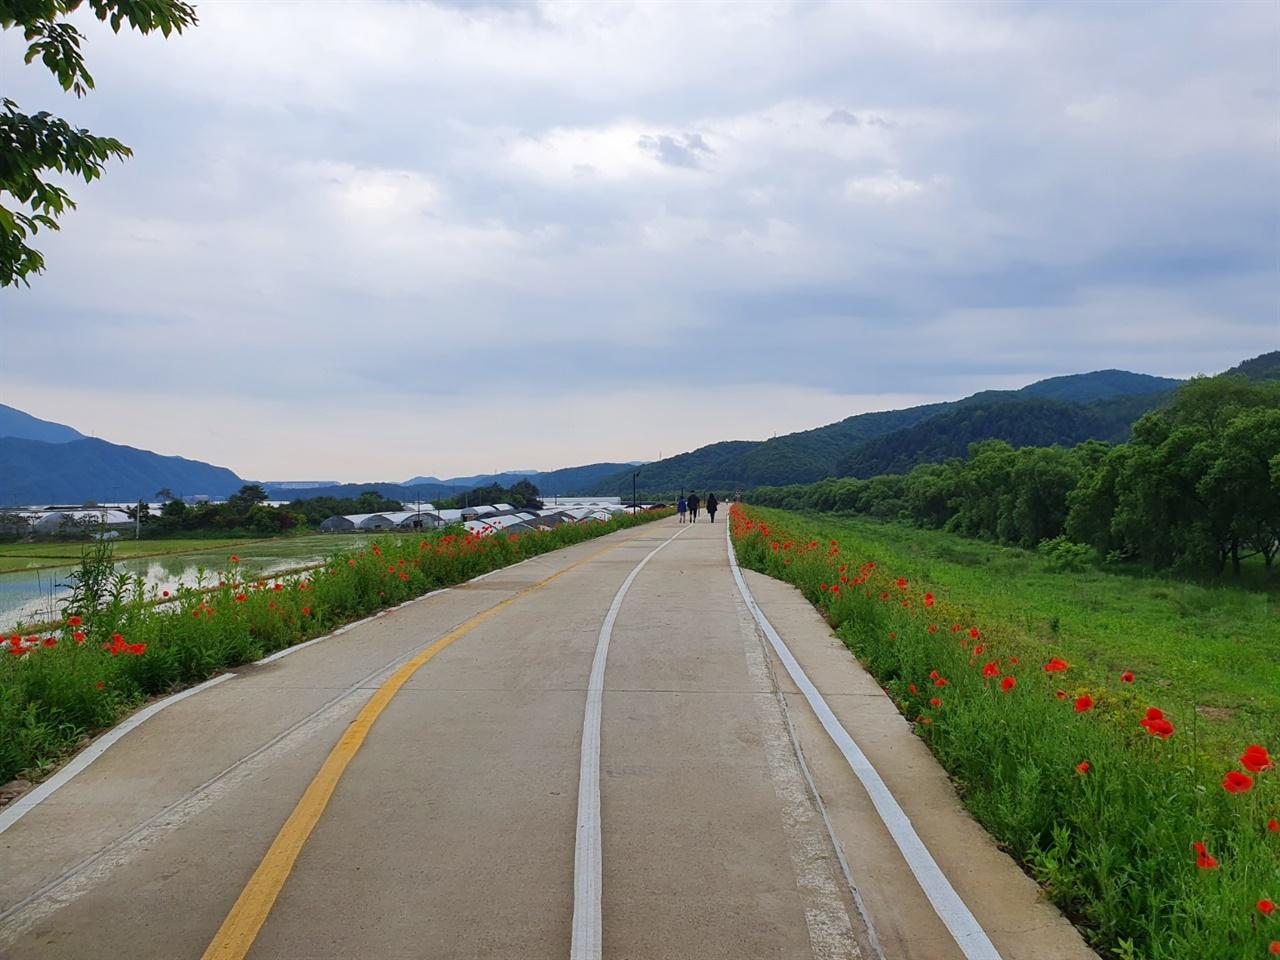 경안천 생태공원의 둑방길 경안천은 광주의 남북으로 흐르며 상수도 보호구역으로 지정되면서 생태계가 잘 보존된 곳으로 유명하다.